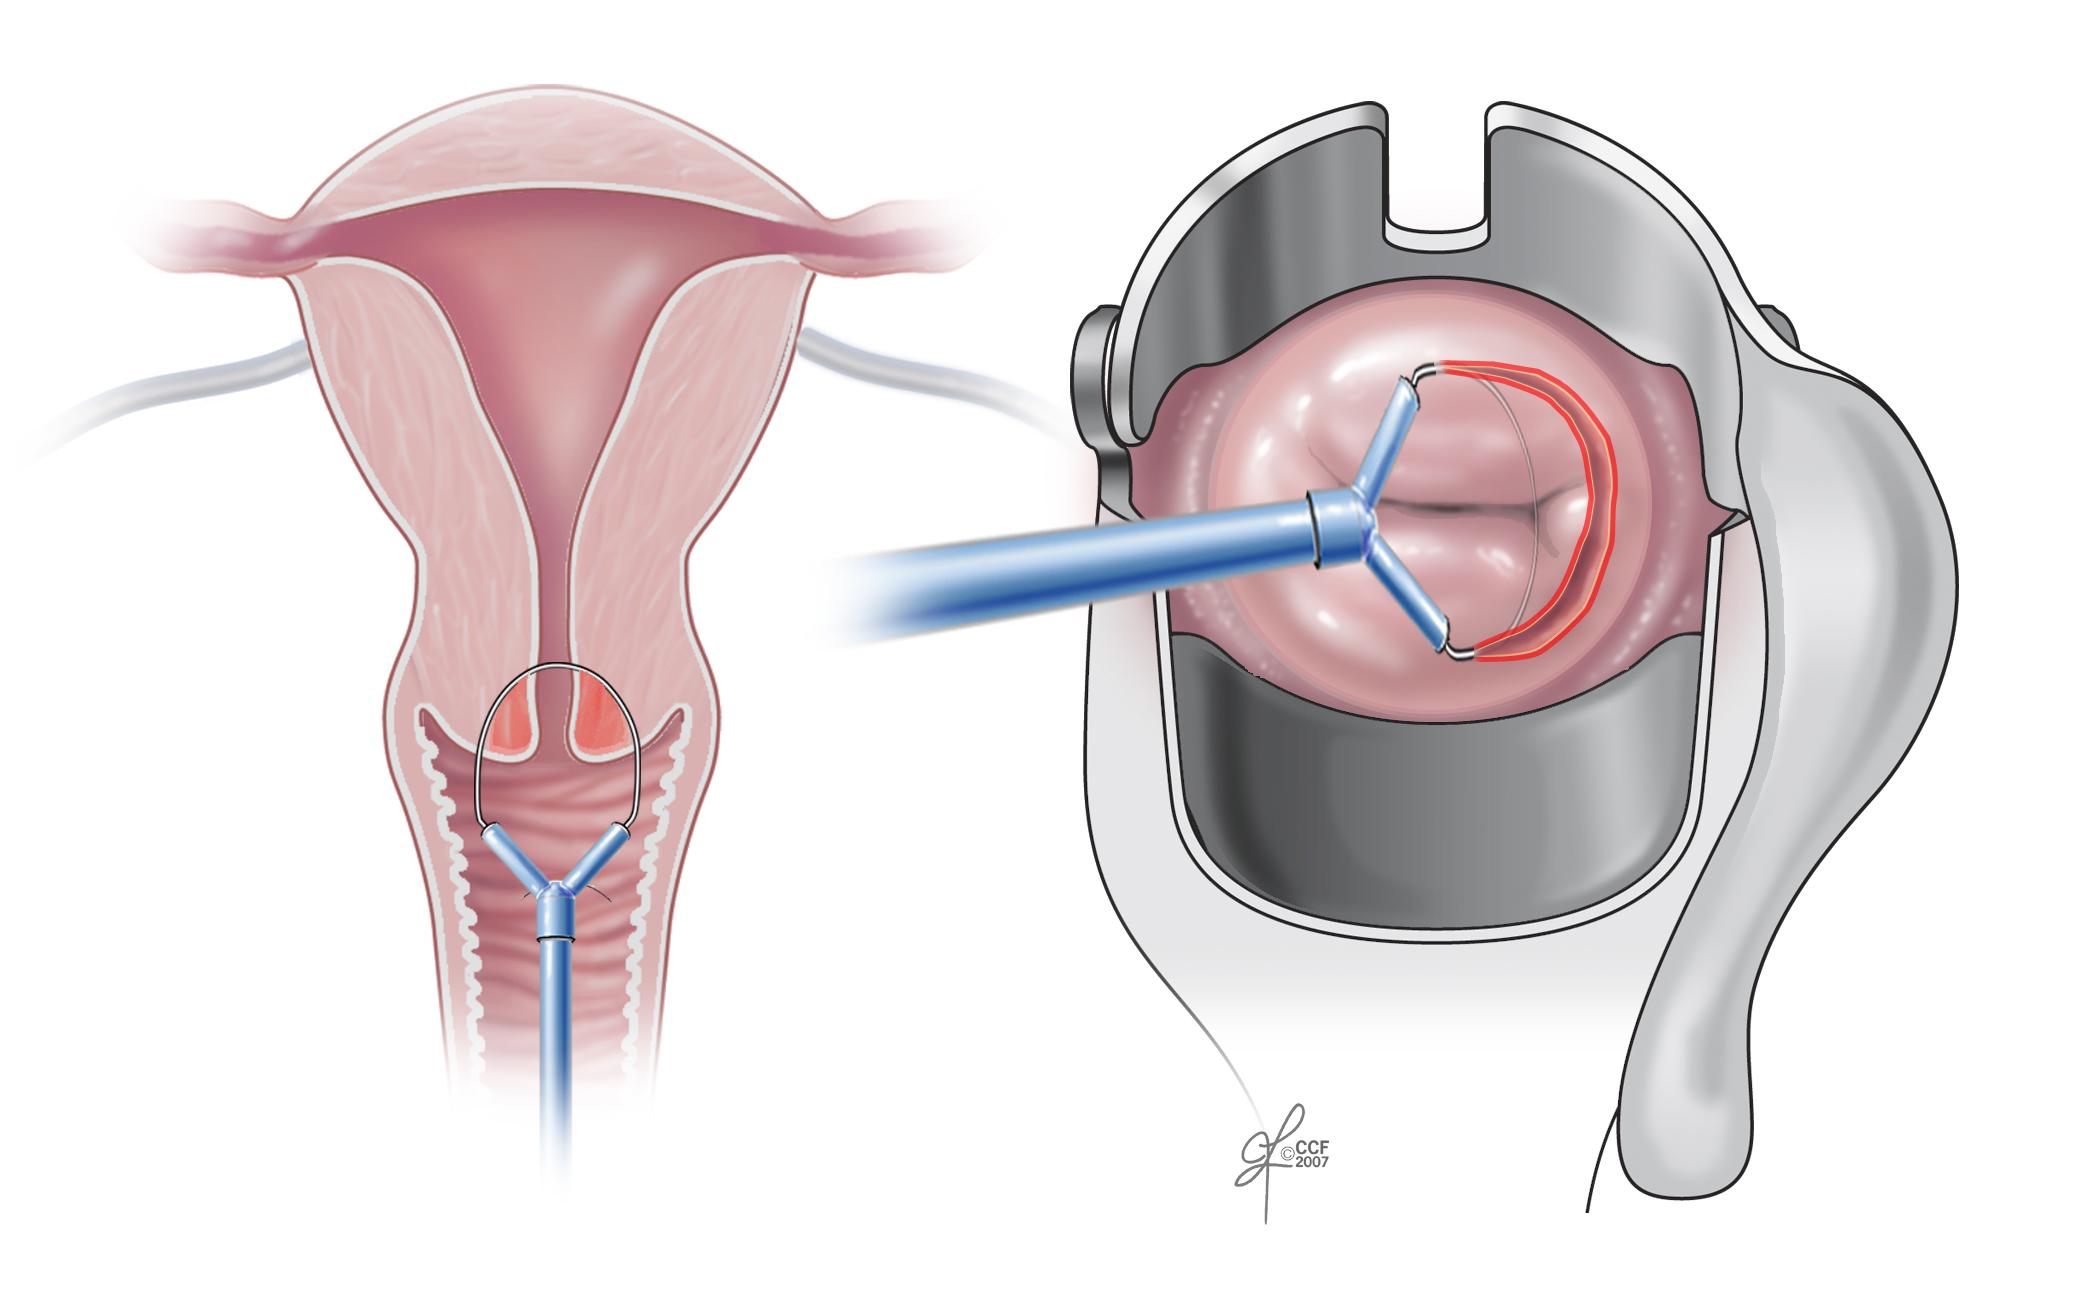 hpv and peritoneal cancer warts treatment at clicks